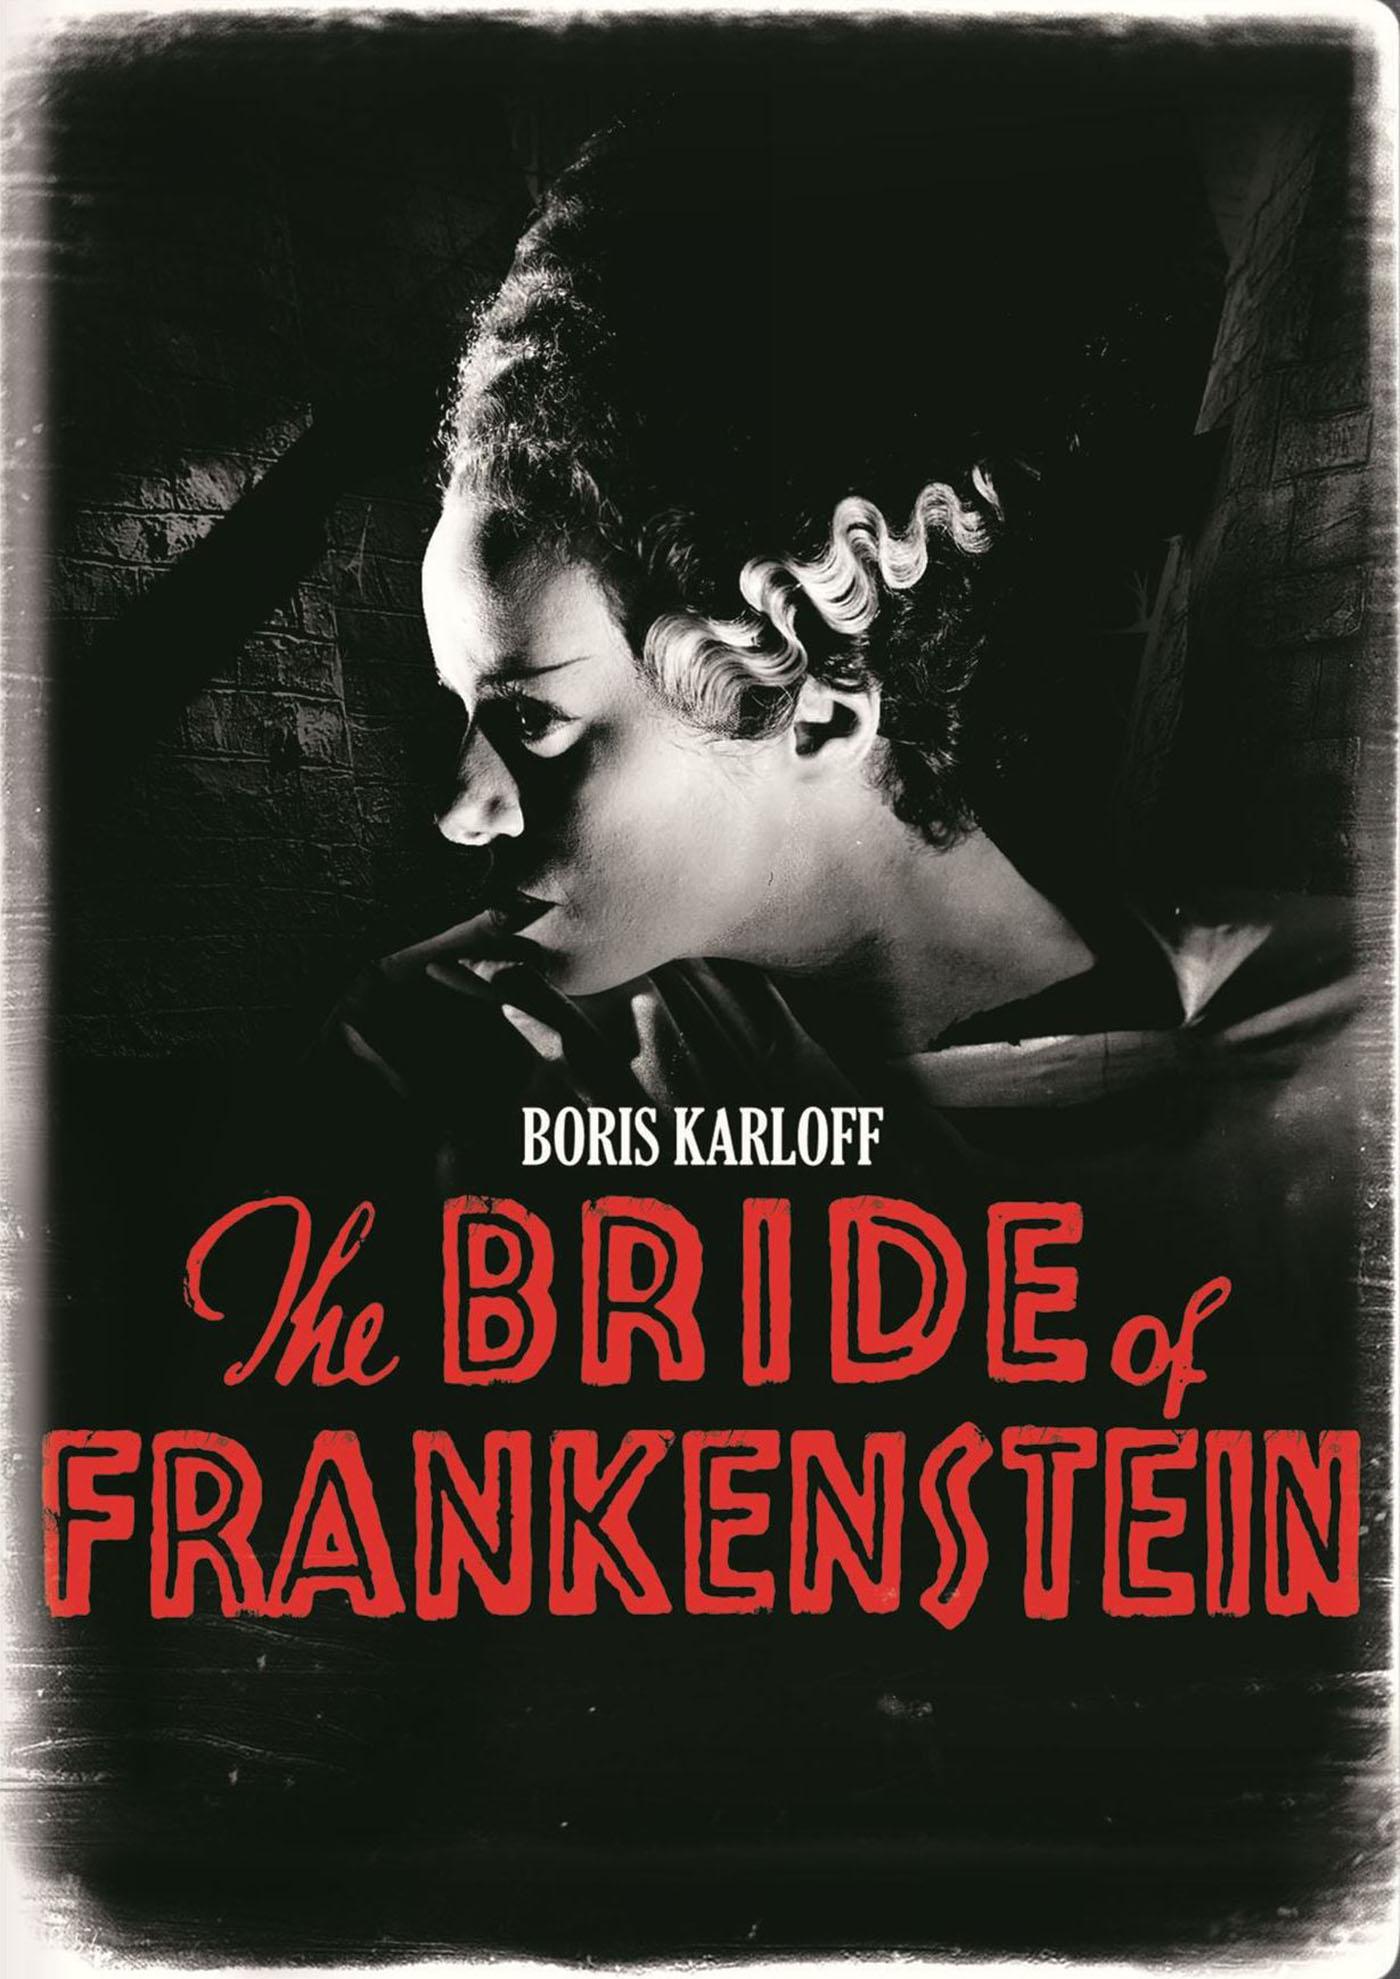 Halloween Movie Party: Bride of Frankenstein